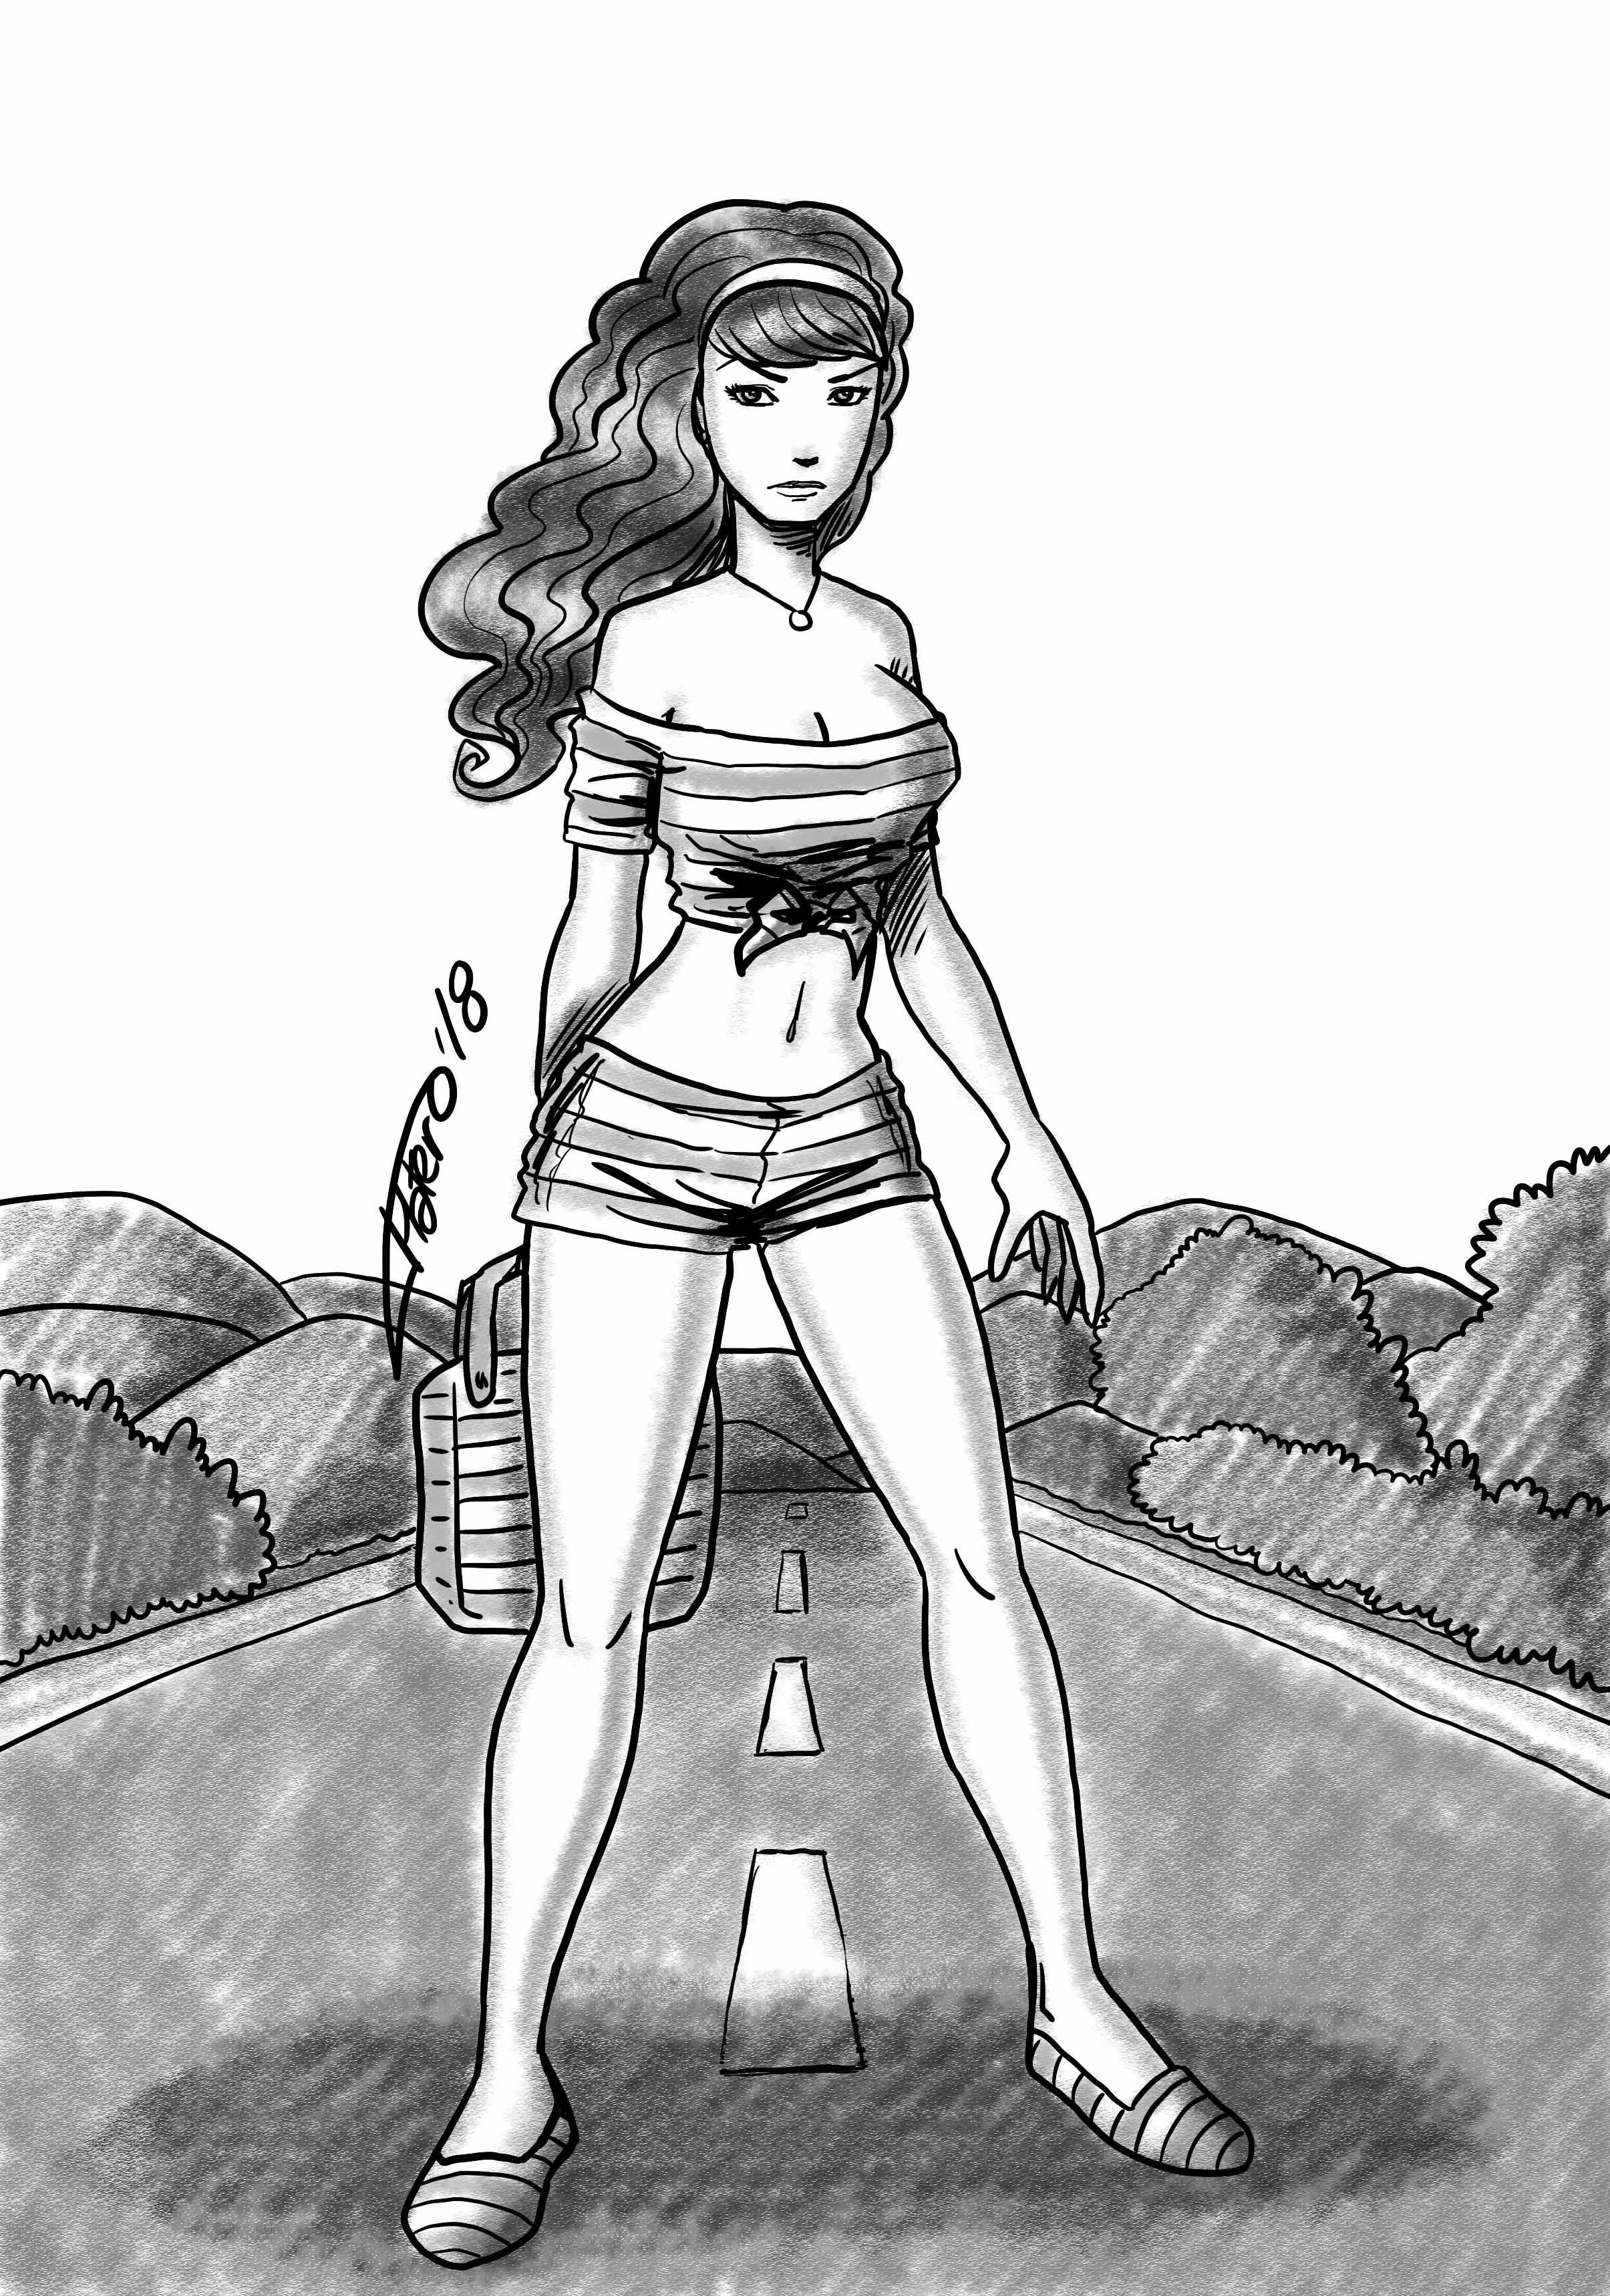 02chica_en_la_carretera_jose_luis_platero_comic_ilustracion_chica_girl